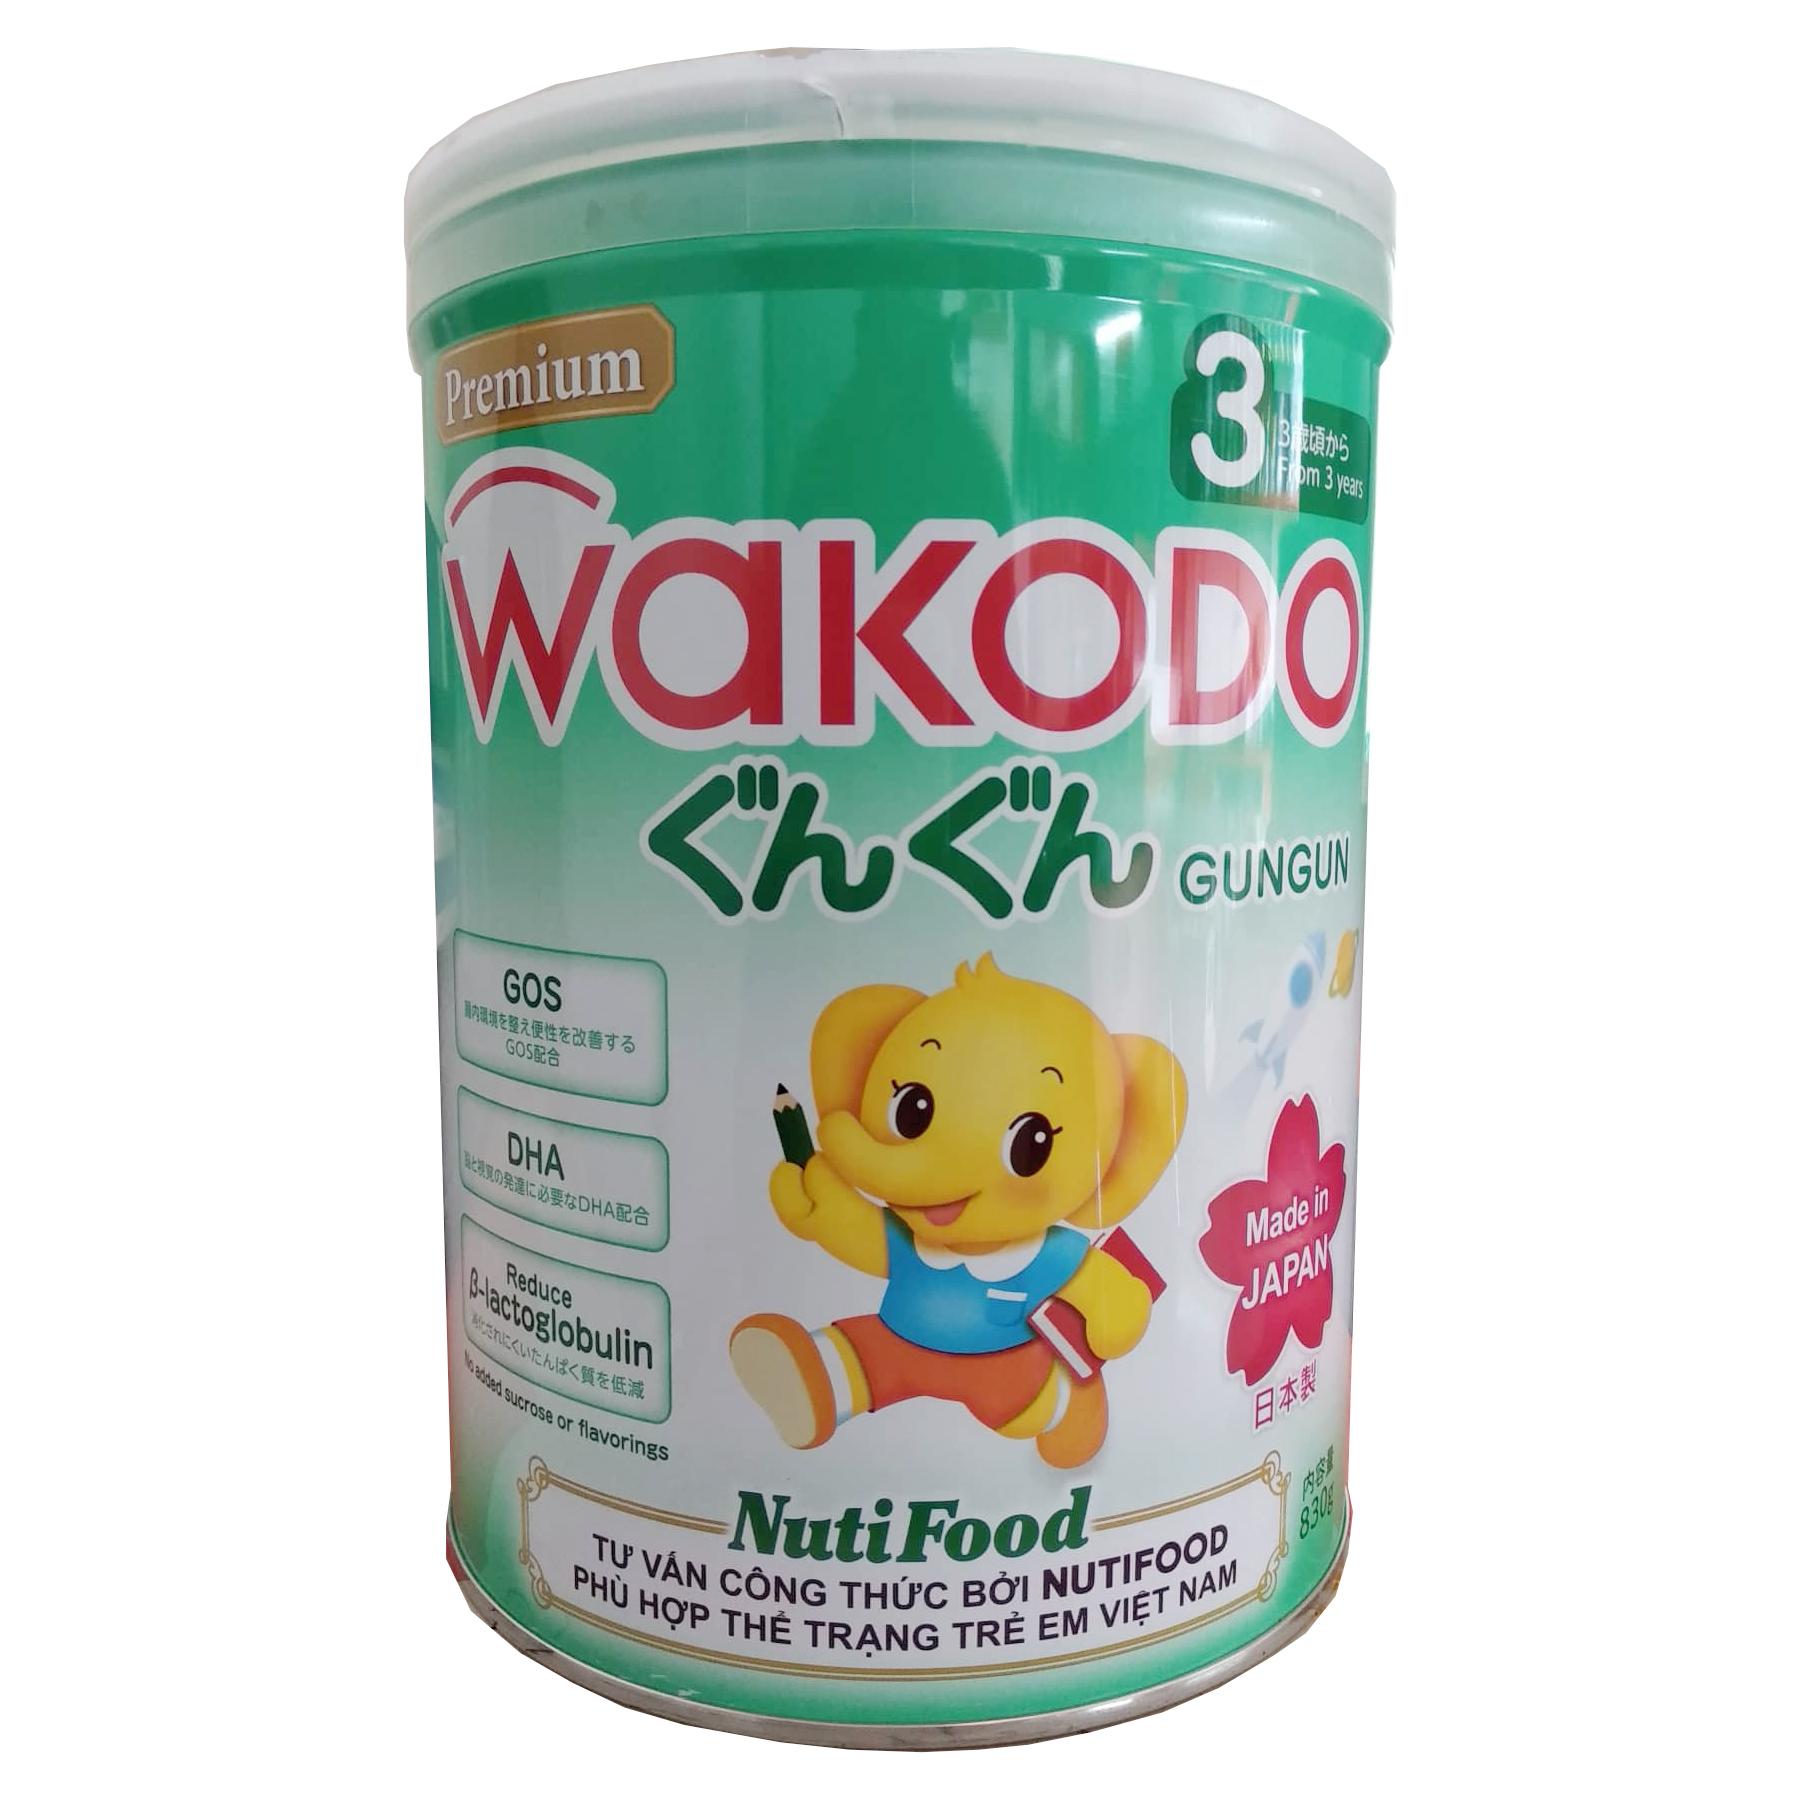 Sữa Wakodo Gungun 3 830 Gr ( Made in Japan ) : Sữa tăng trưởng cho trẻ từ 3 tuổi trở lên